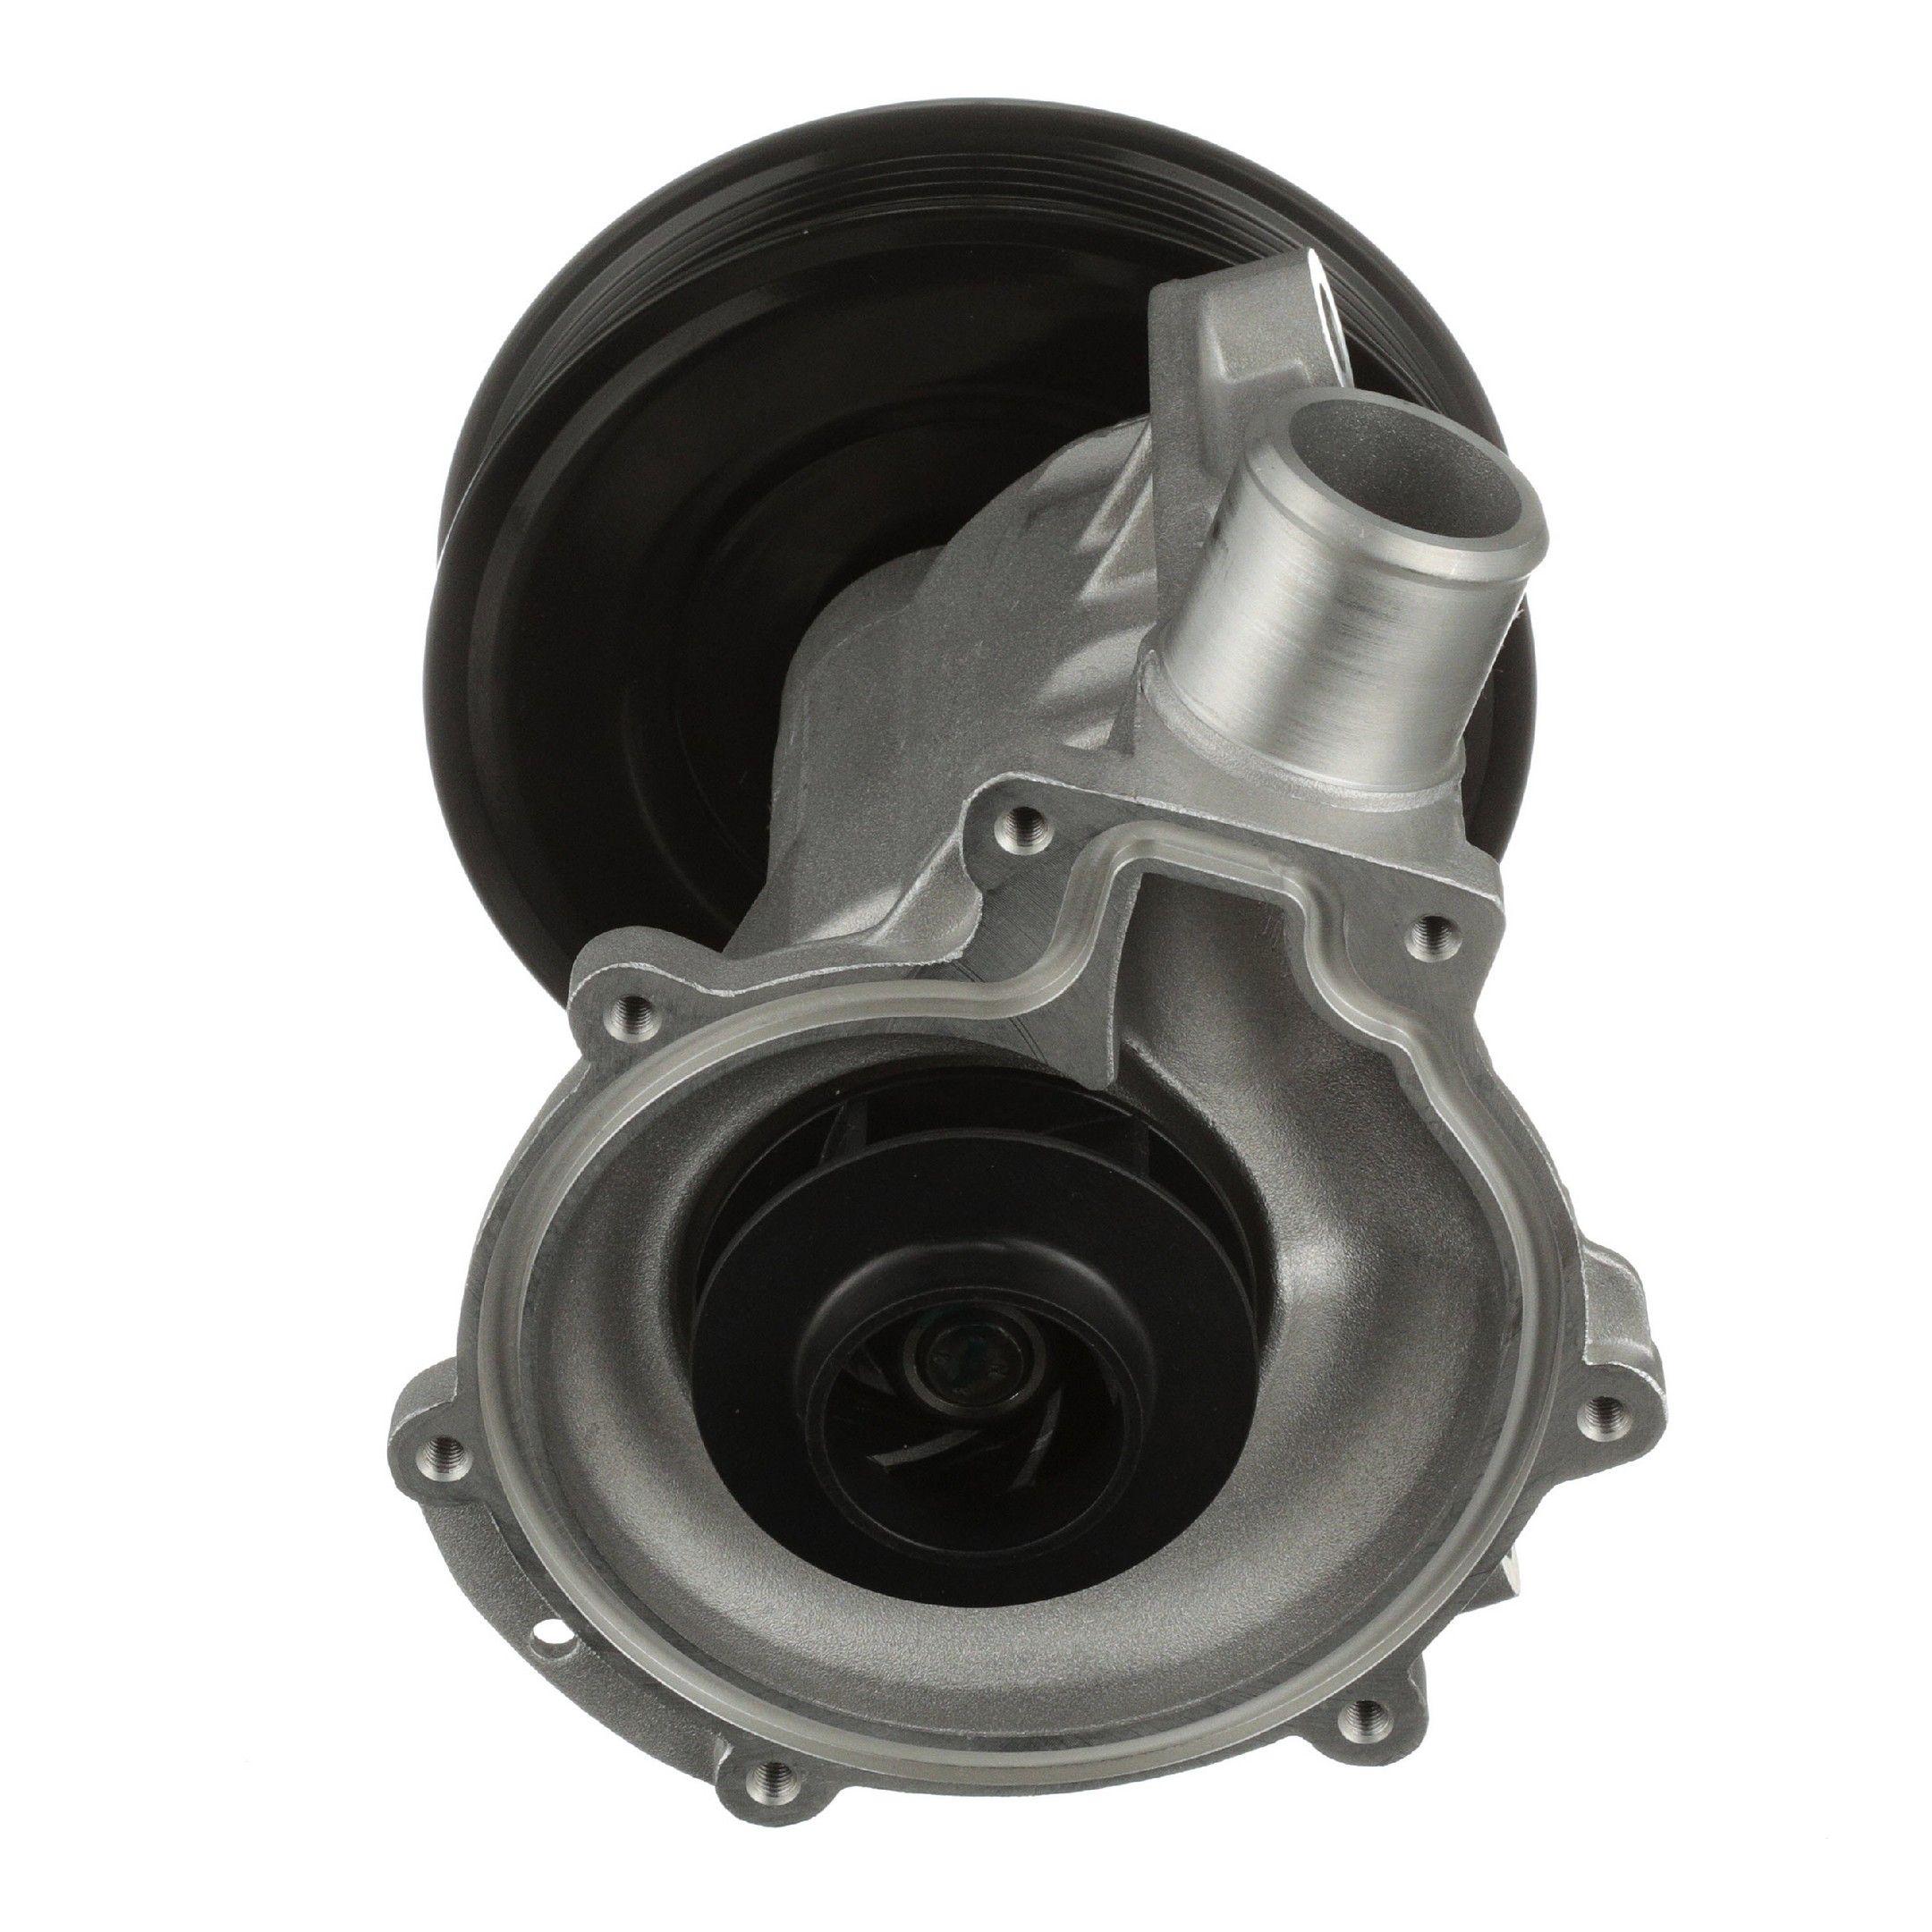 Airtex AW6244 Engine Water Pump